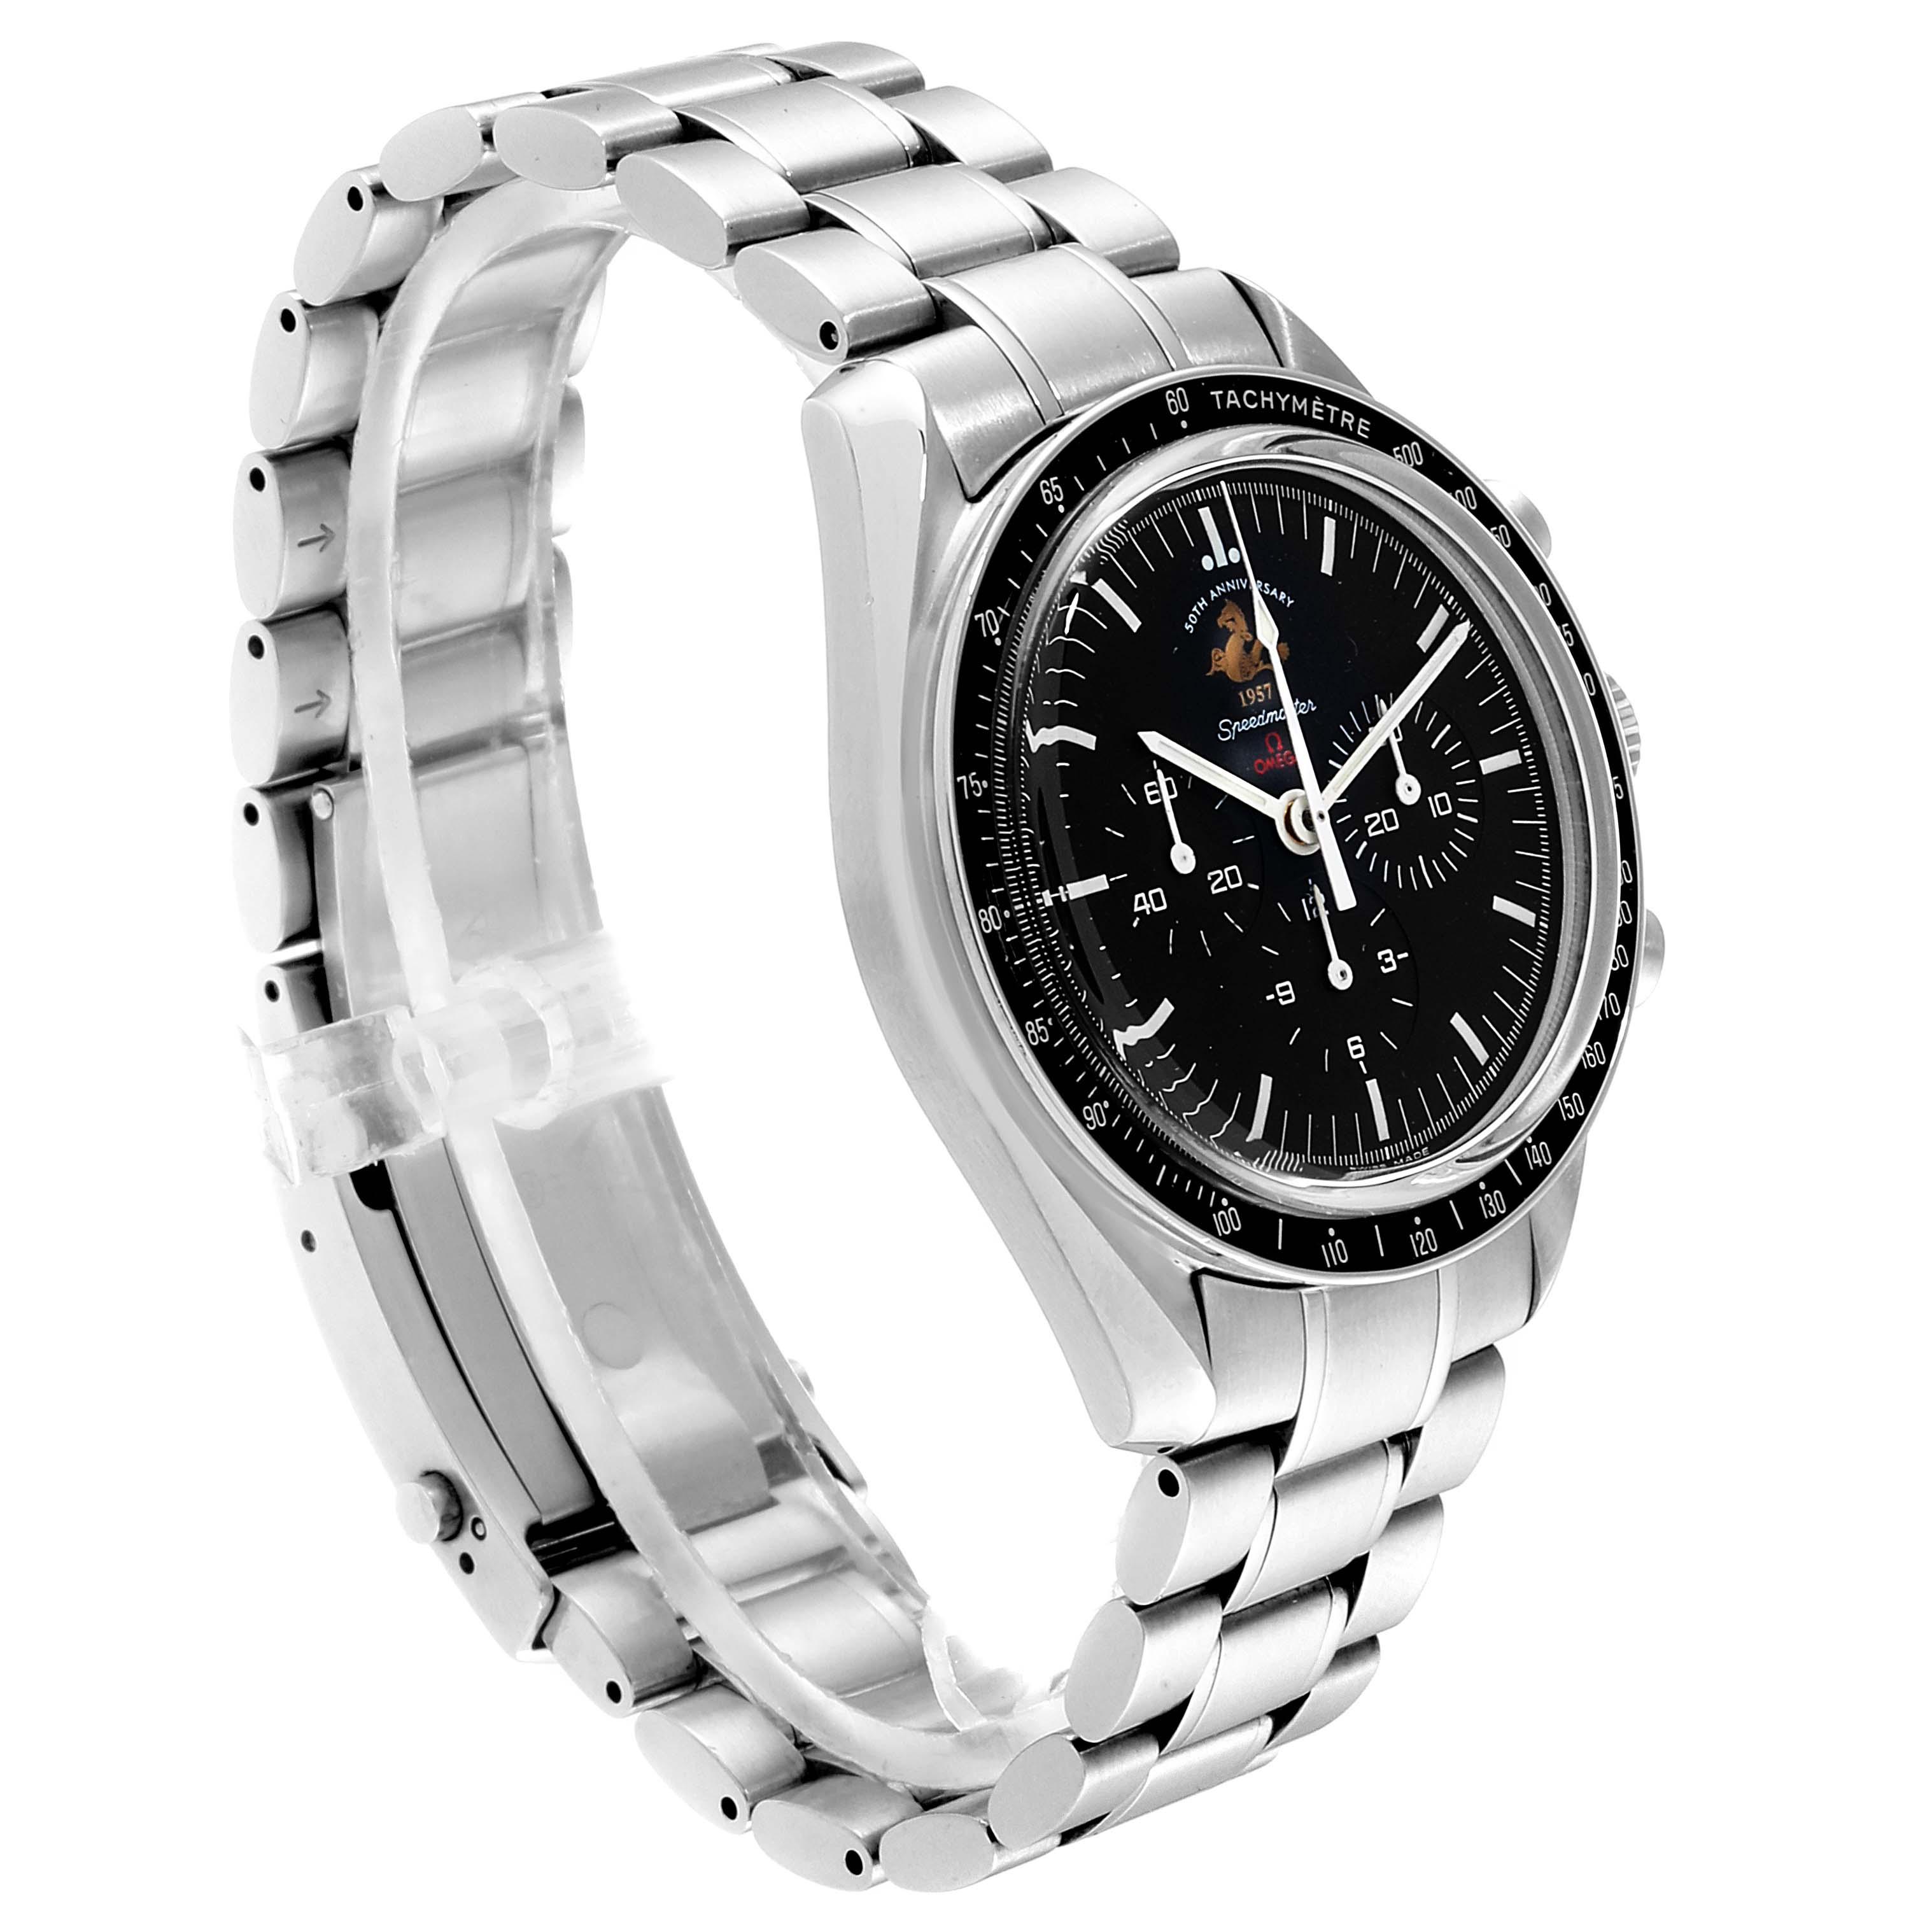 Omega Speedmaster 50th Anniversary MoonWatch 311.30.42.30.01.001 SwissWatchExpo